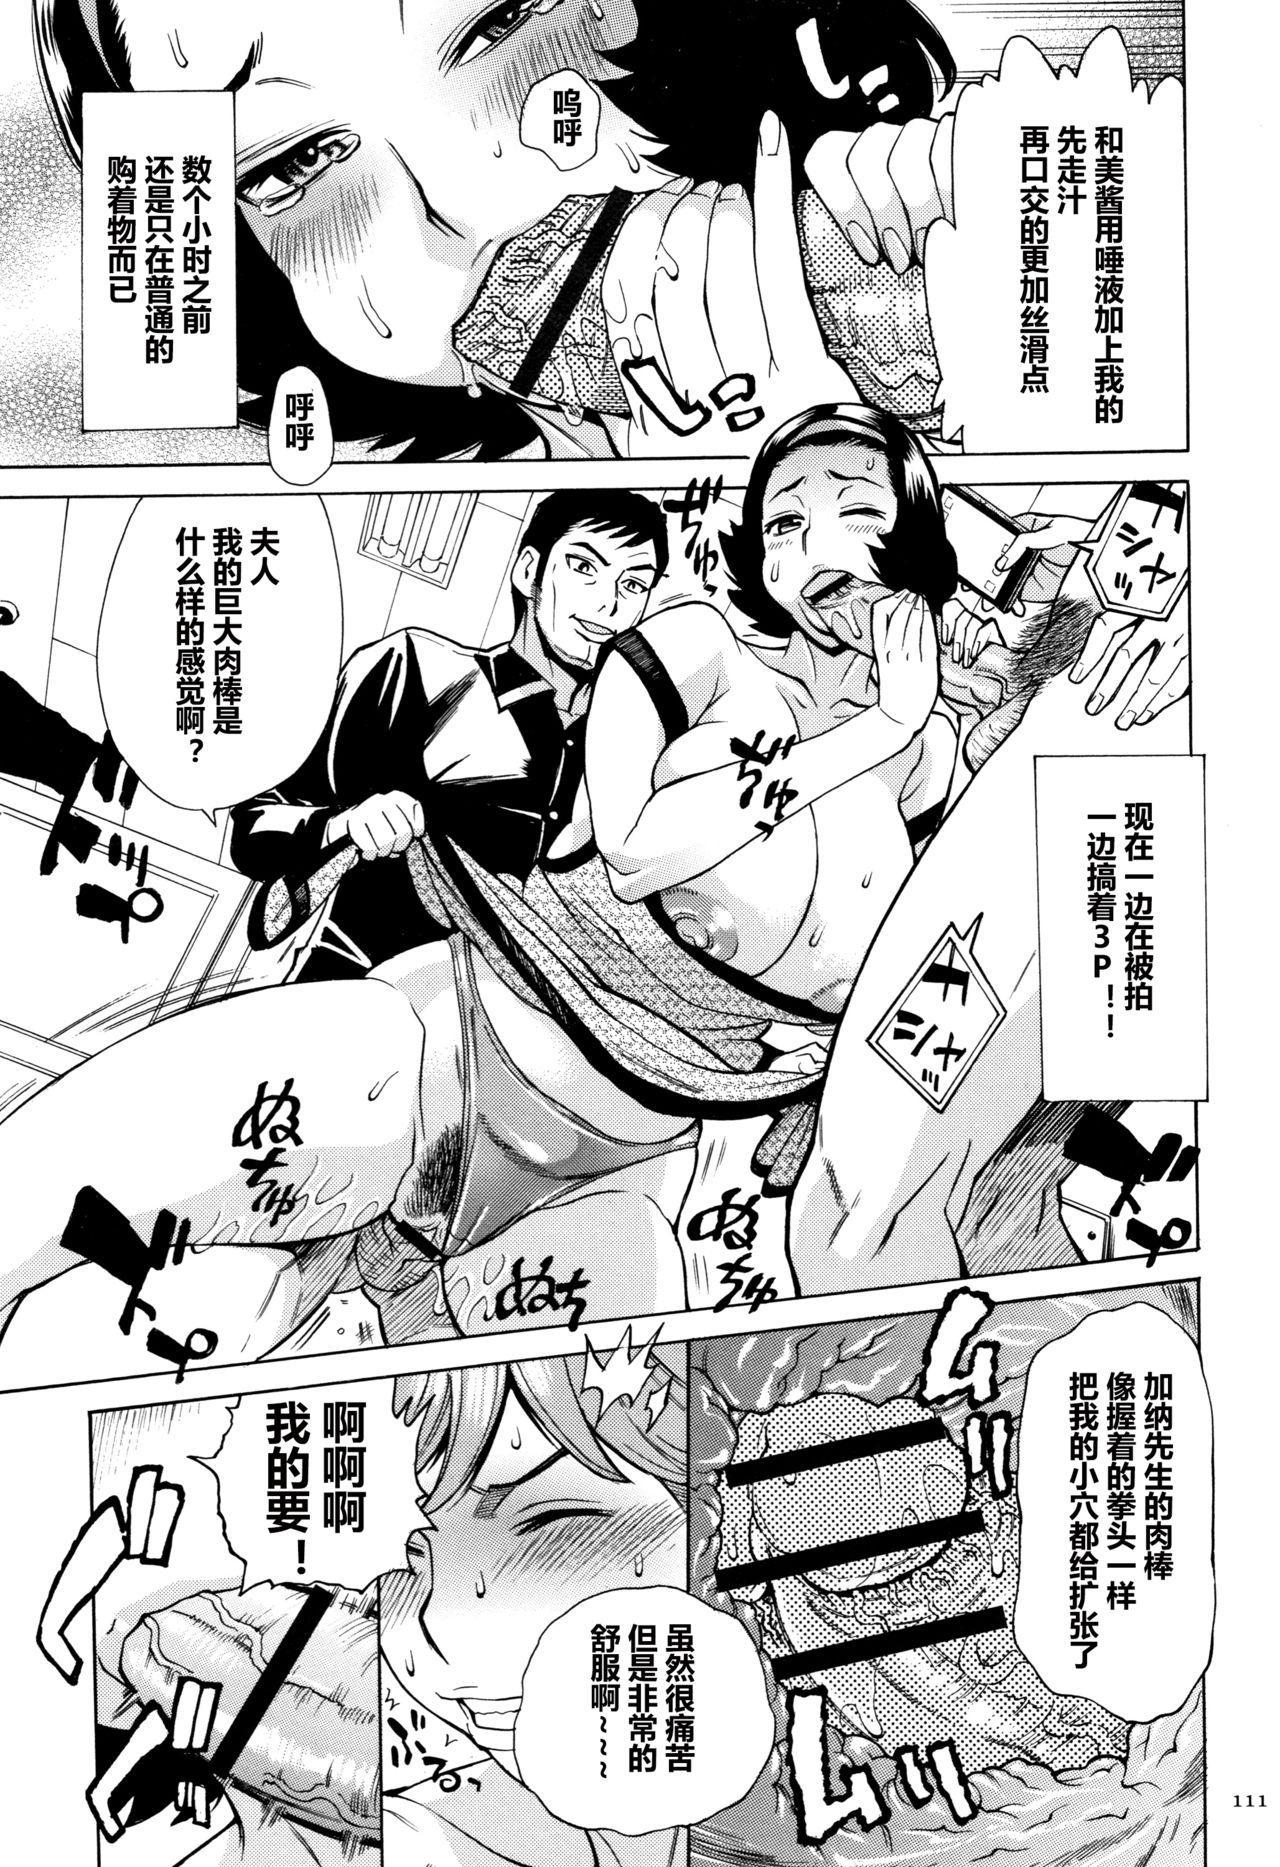 Oba-san dakedo, Daite Hoshii. 111